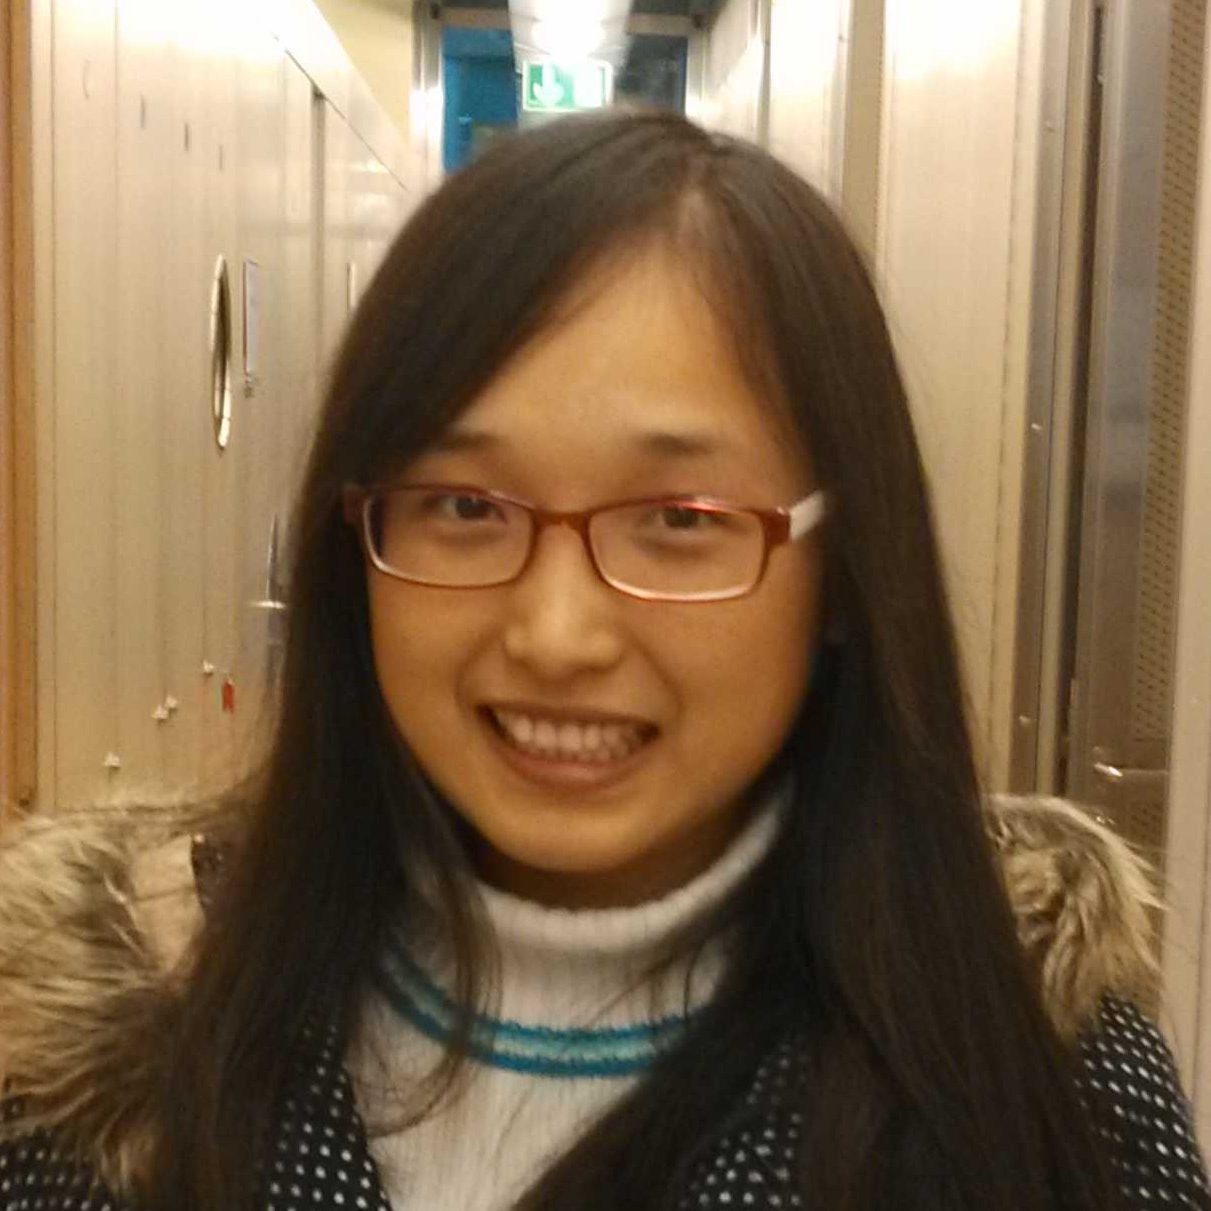 Xiaopu Wang